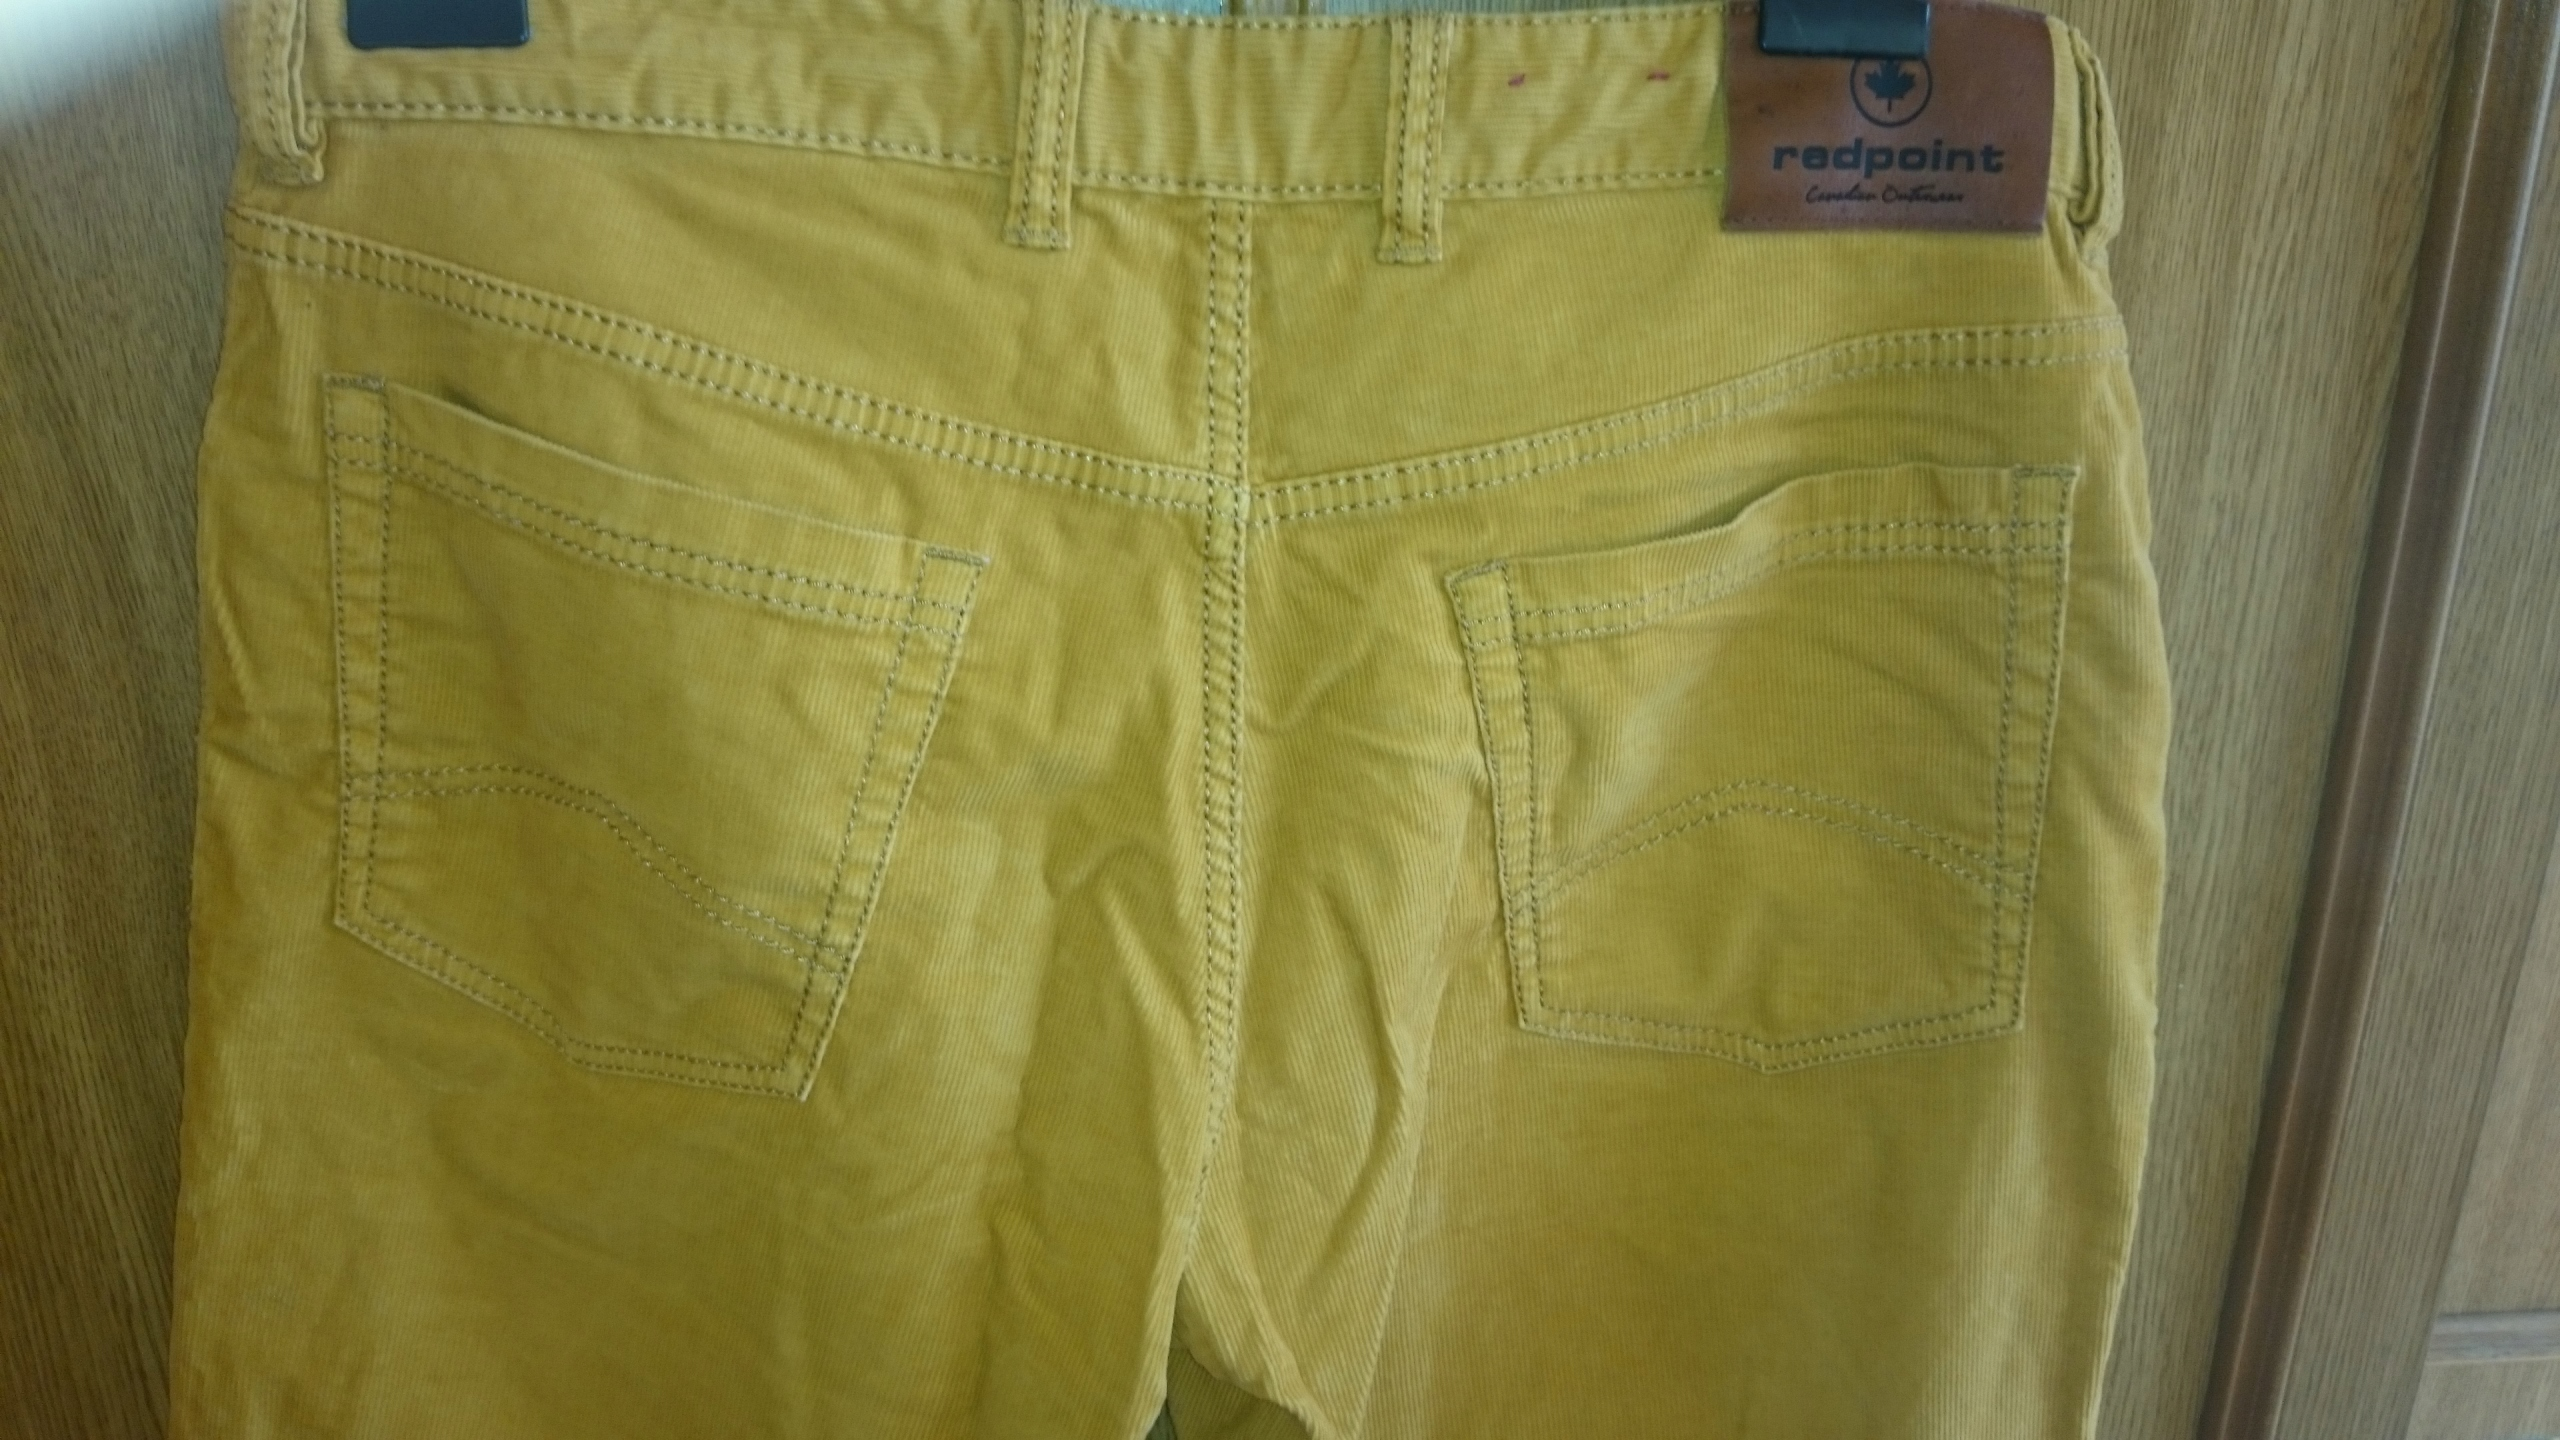 Spodnie sztruks żółte sztruksy Redpoint W36 L30